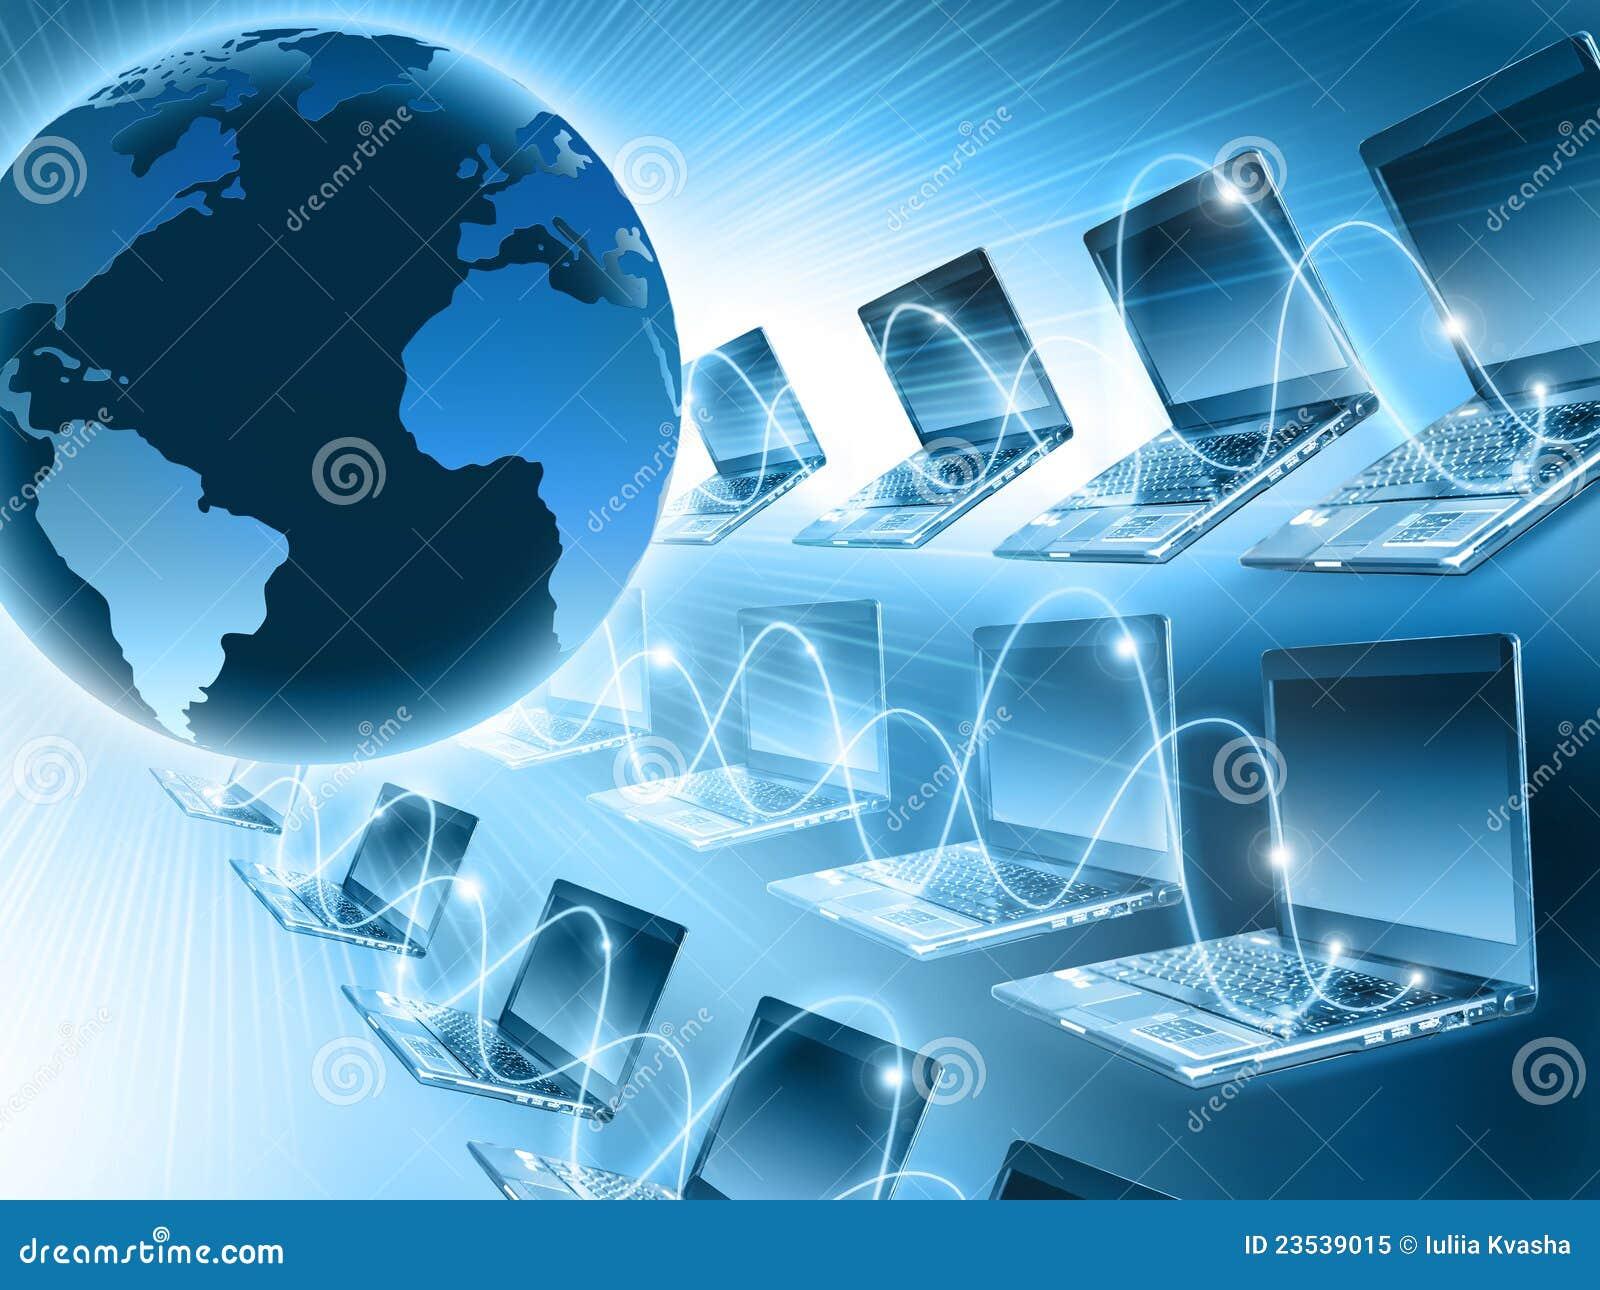 Computer World Stock Image Image Of Communicating